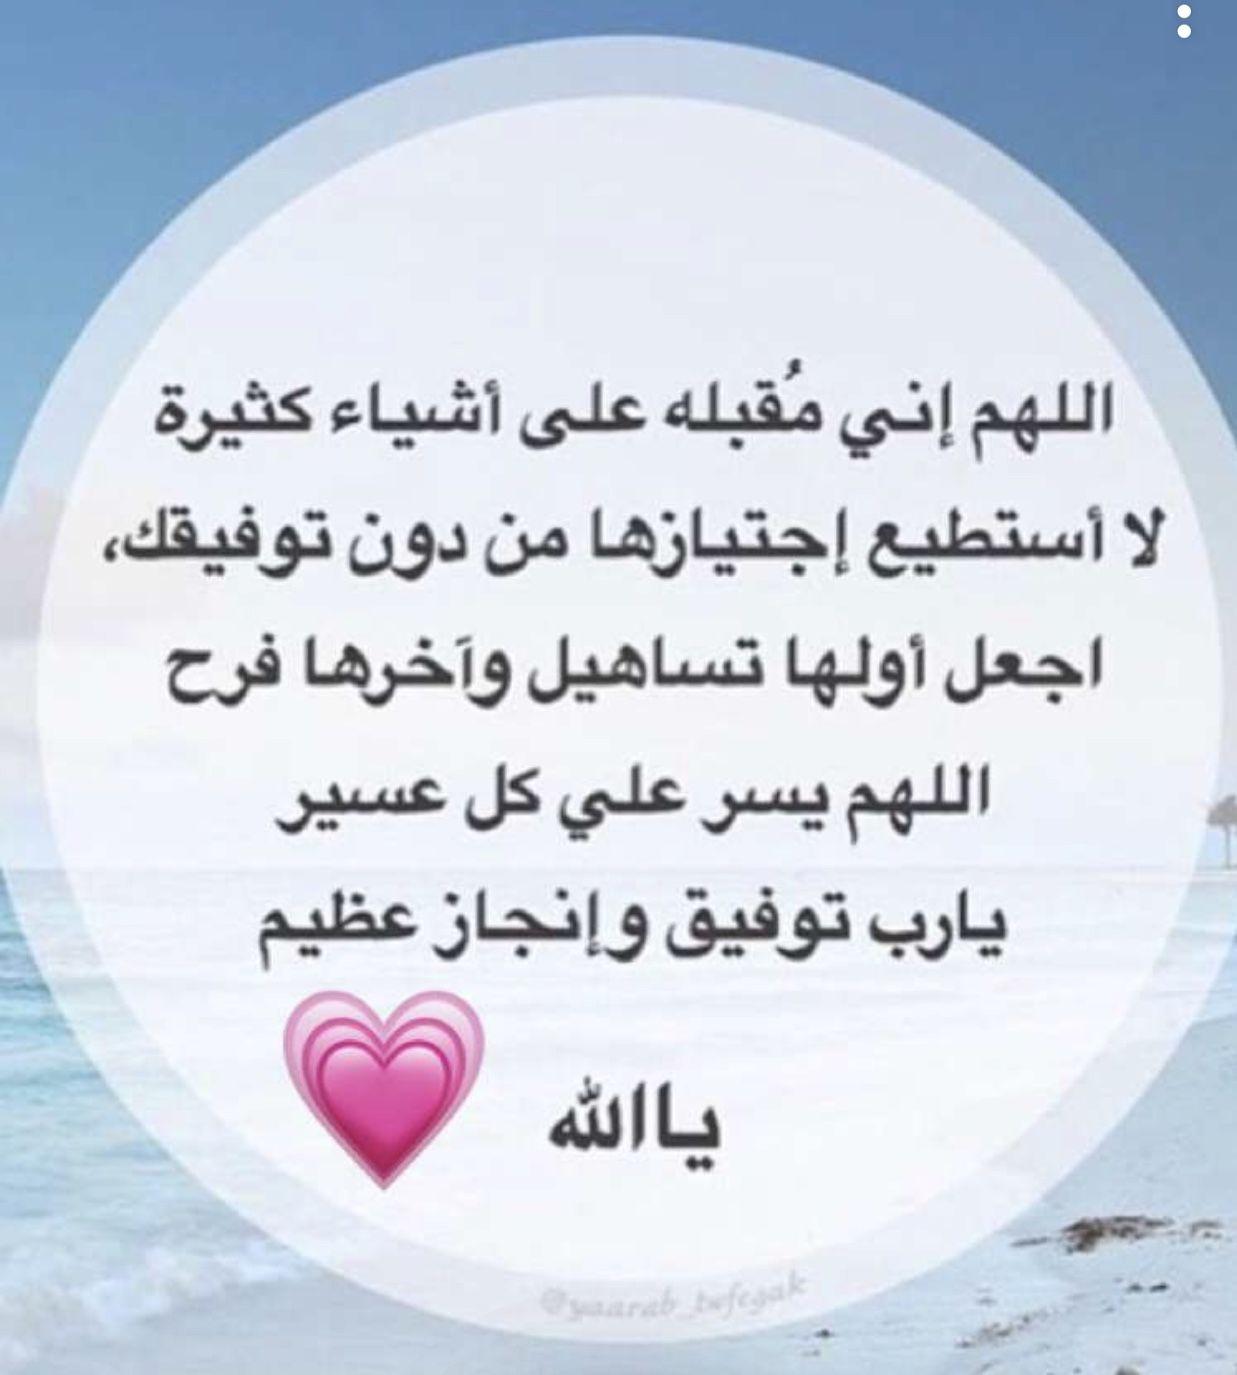 Pin By Maisoun Alalami On Prayers Pie Chart Prayers My Love